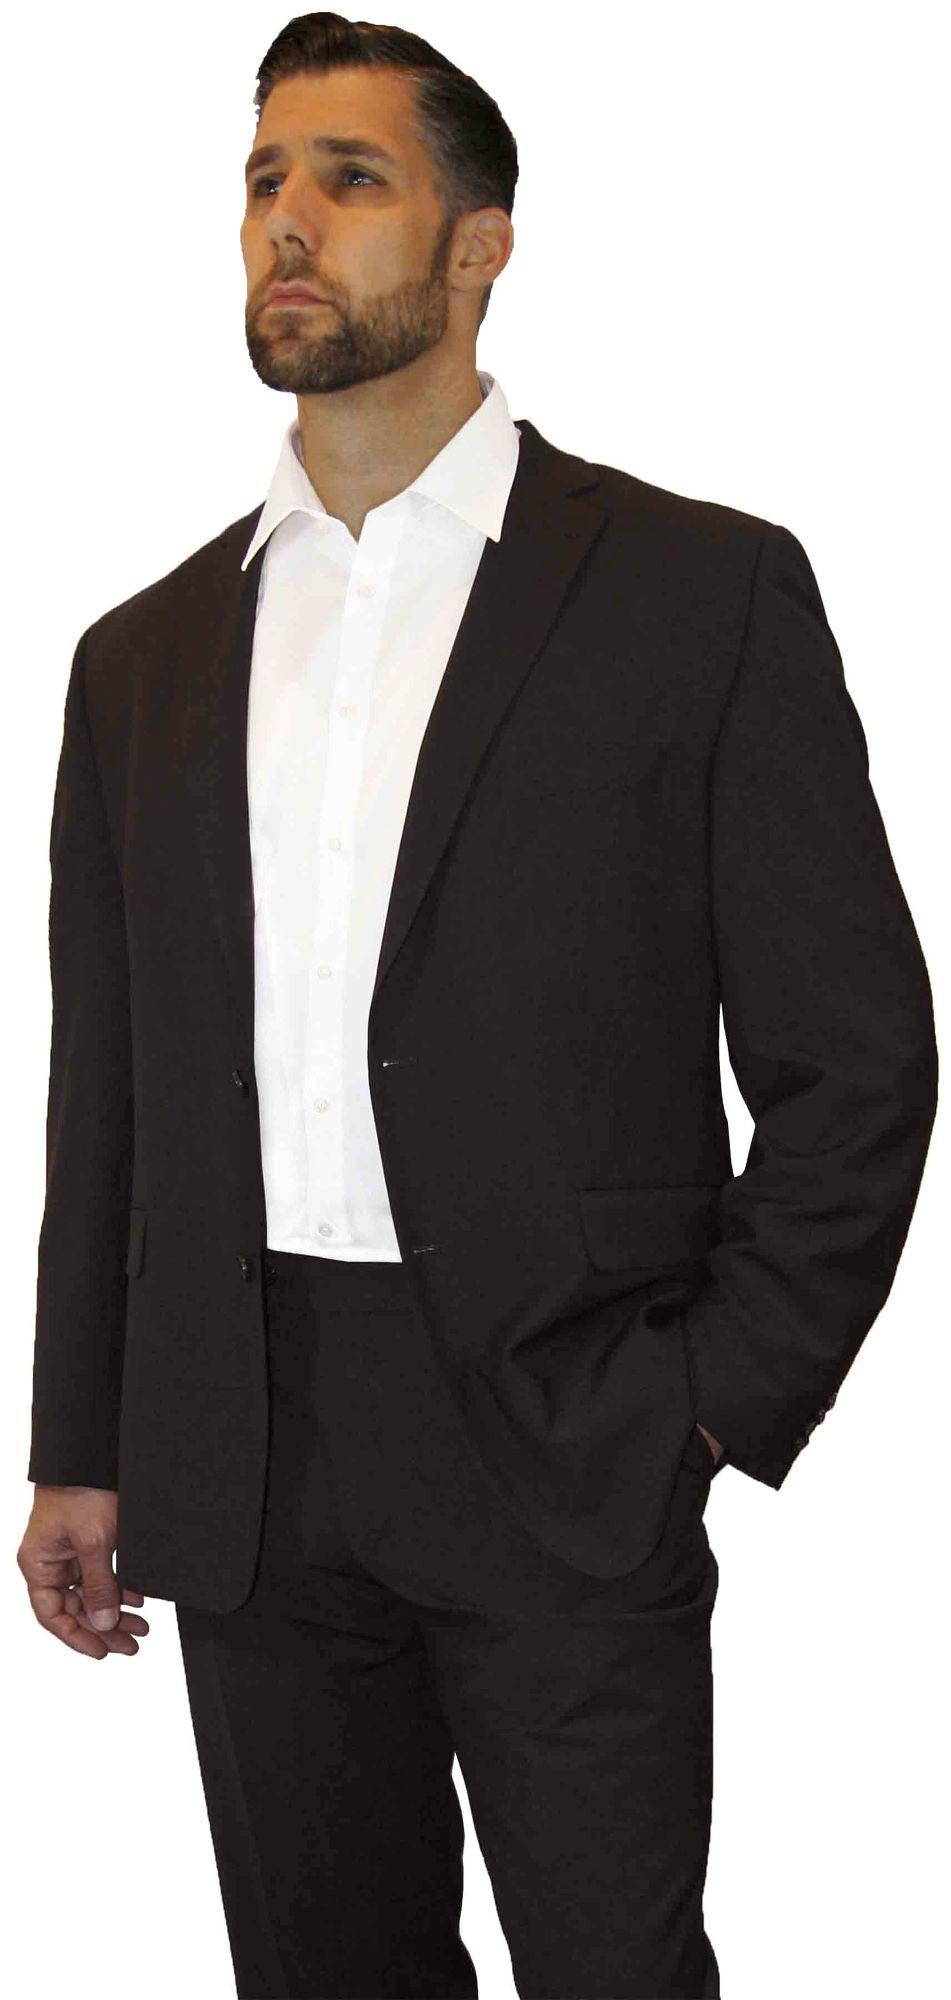 sale retailer dcaf4 862d4 Brauner Hochzeitsanzug modern & günstig - Paul Malone Shop